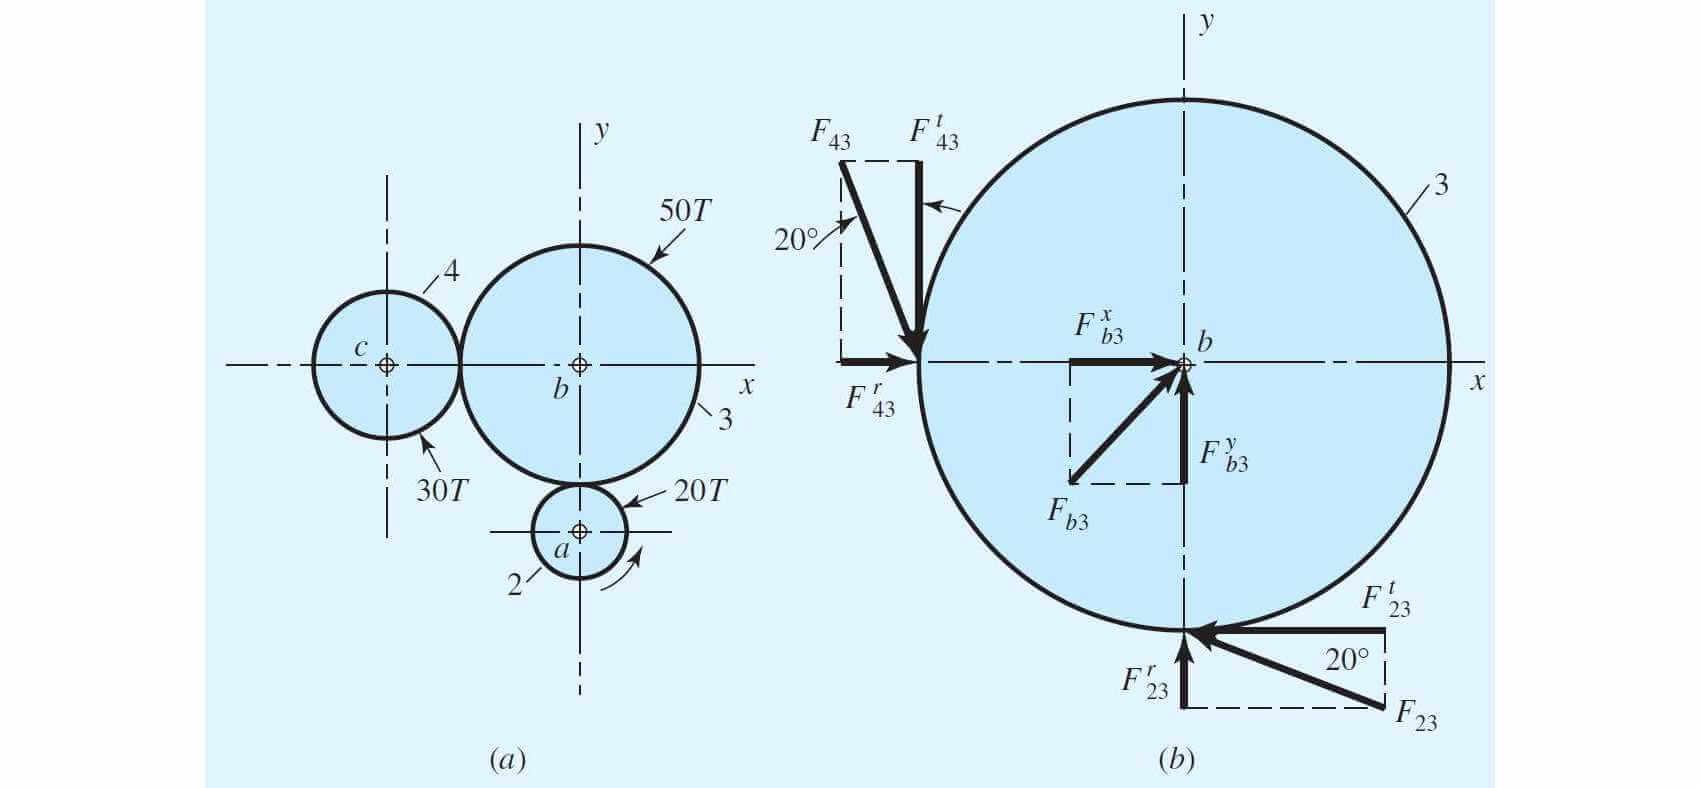 مثال حل شده چرخ دنده